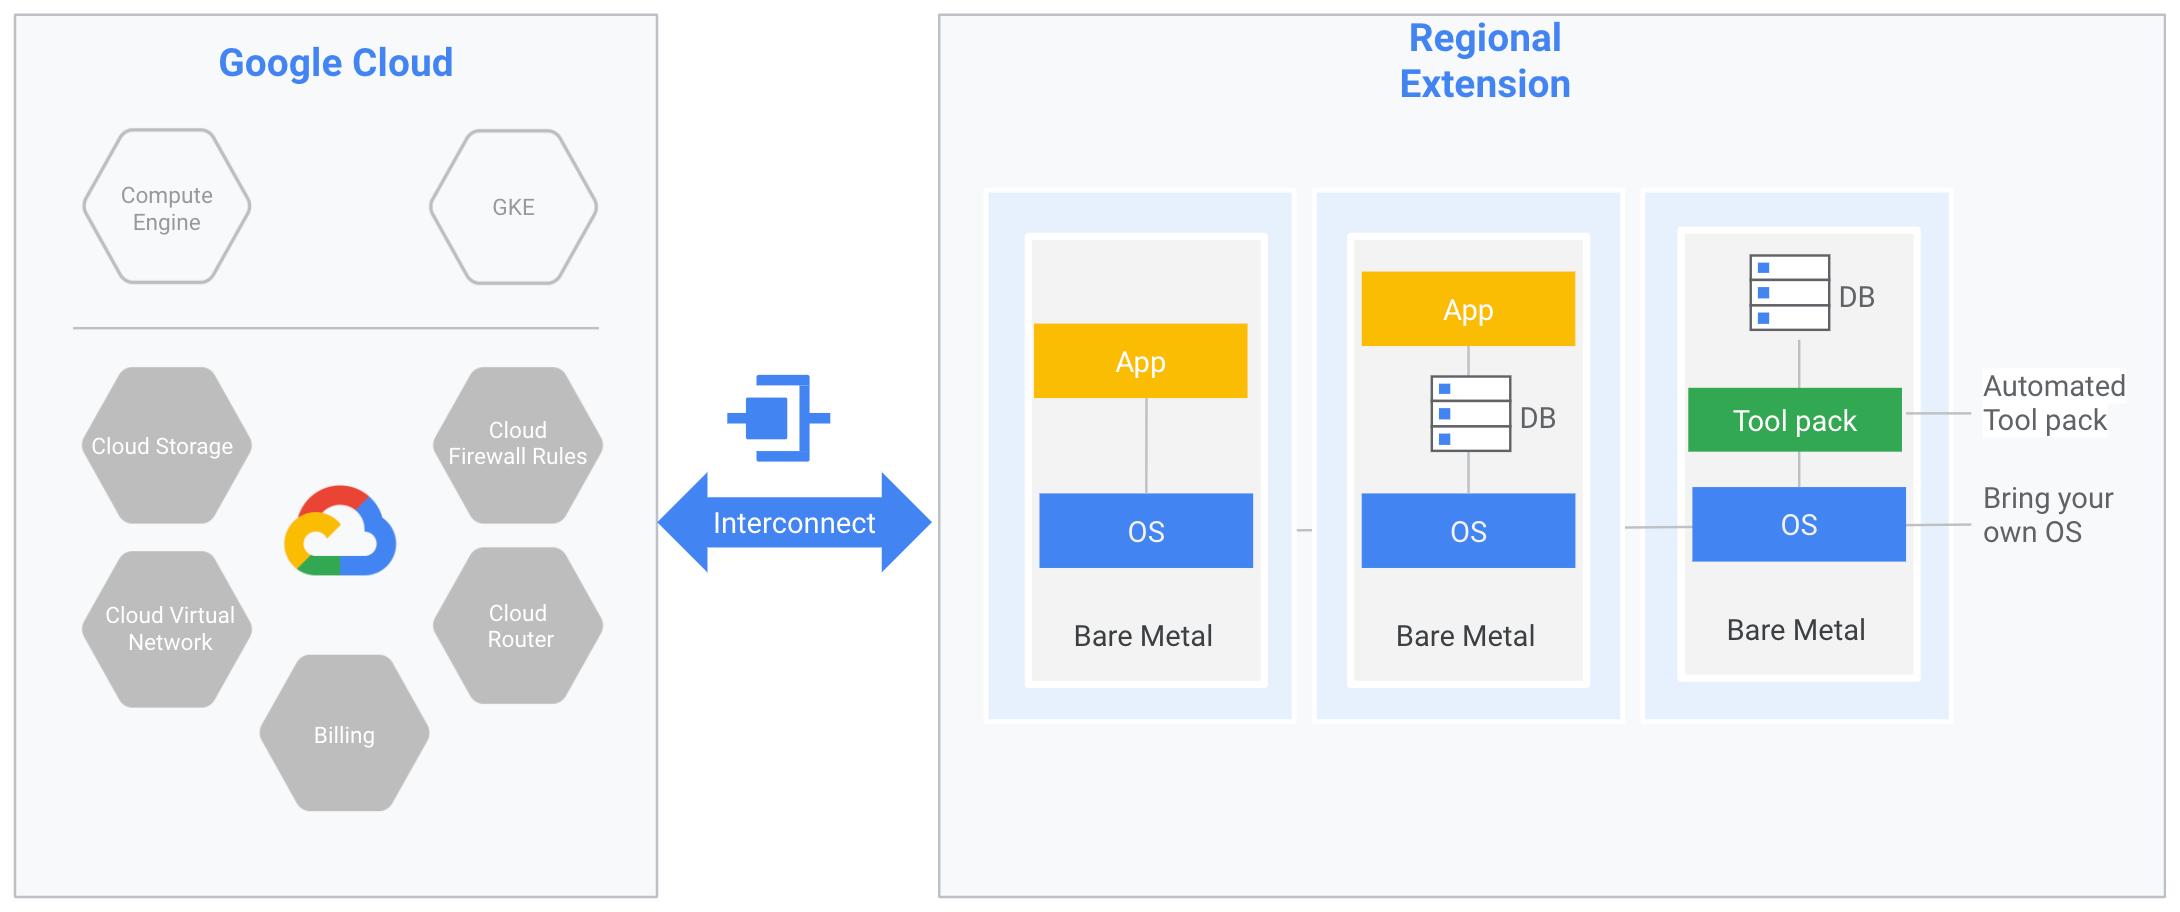 裸机机器显示在与 Google Cloud 数据中心共存的地区扩展中